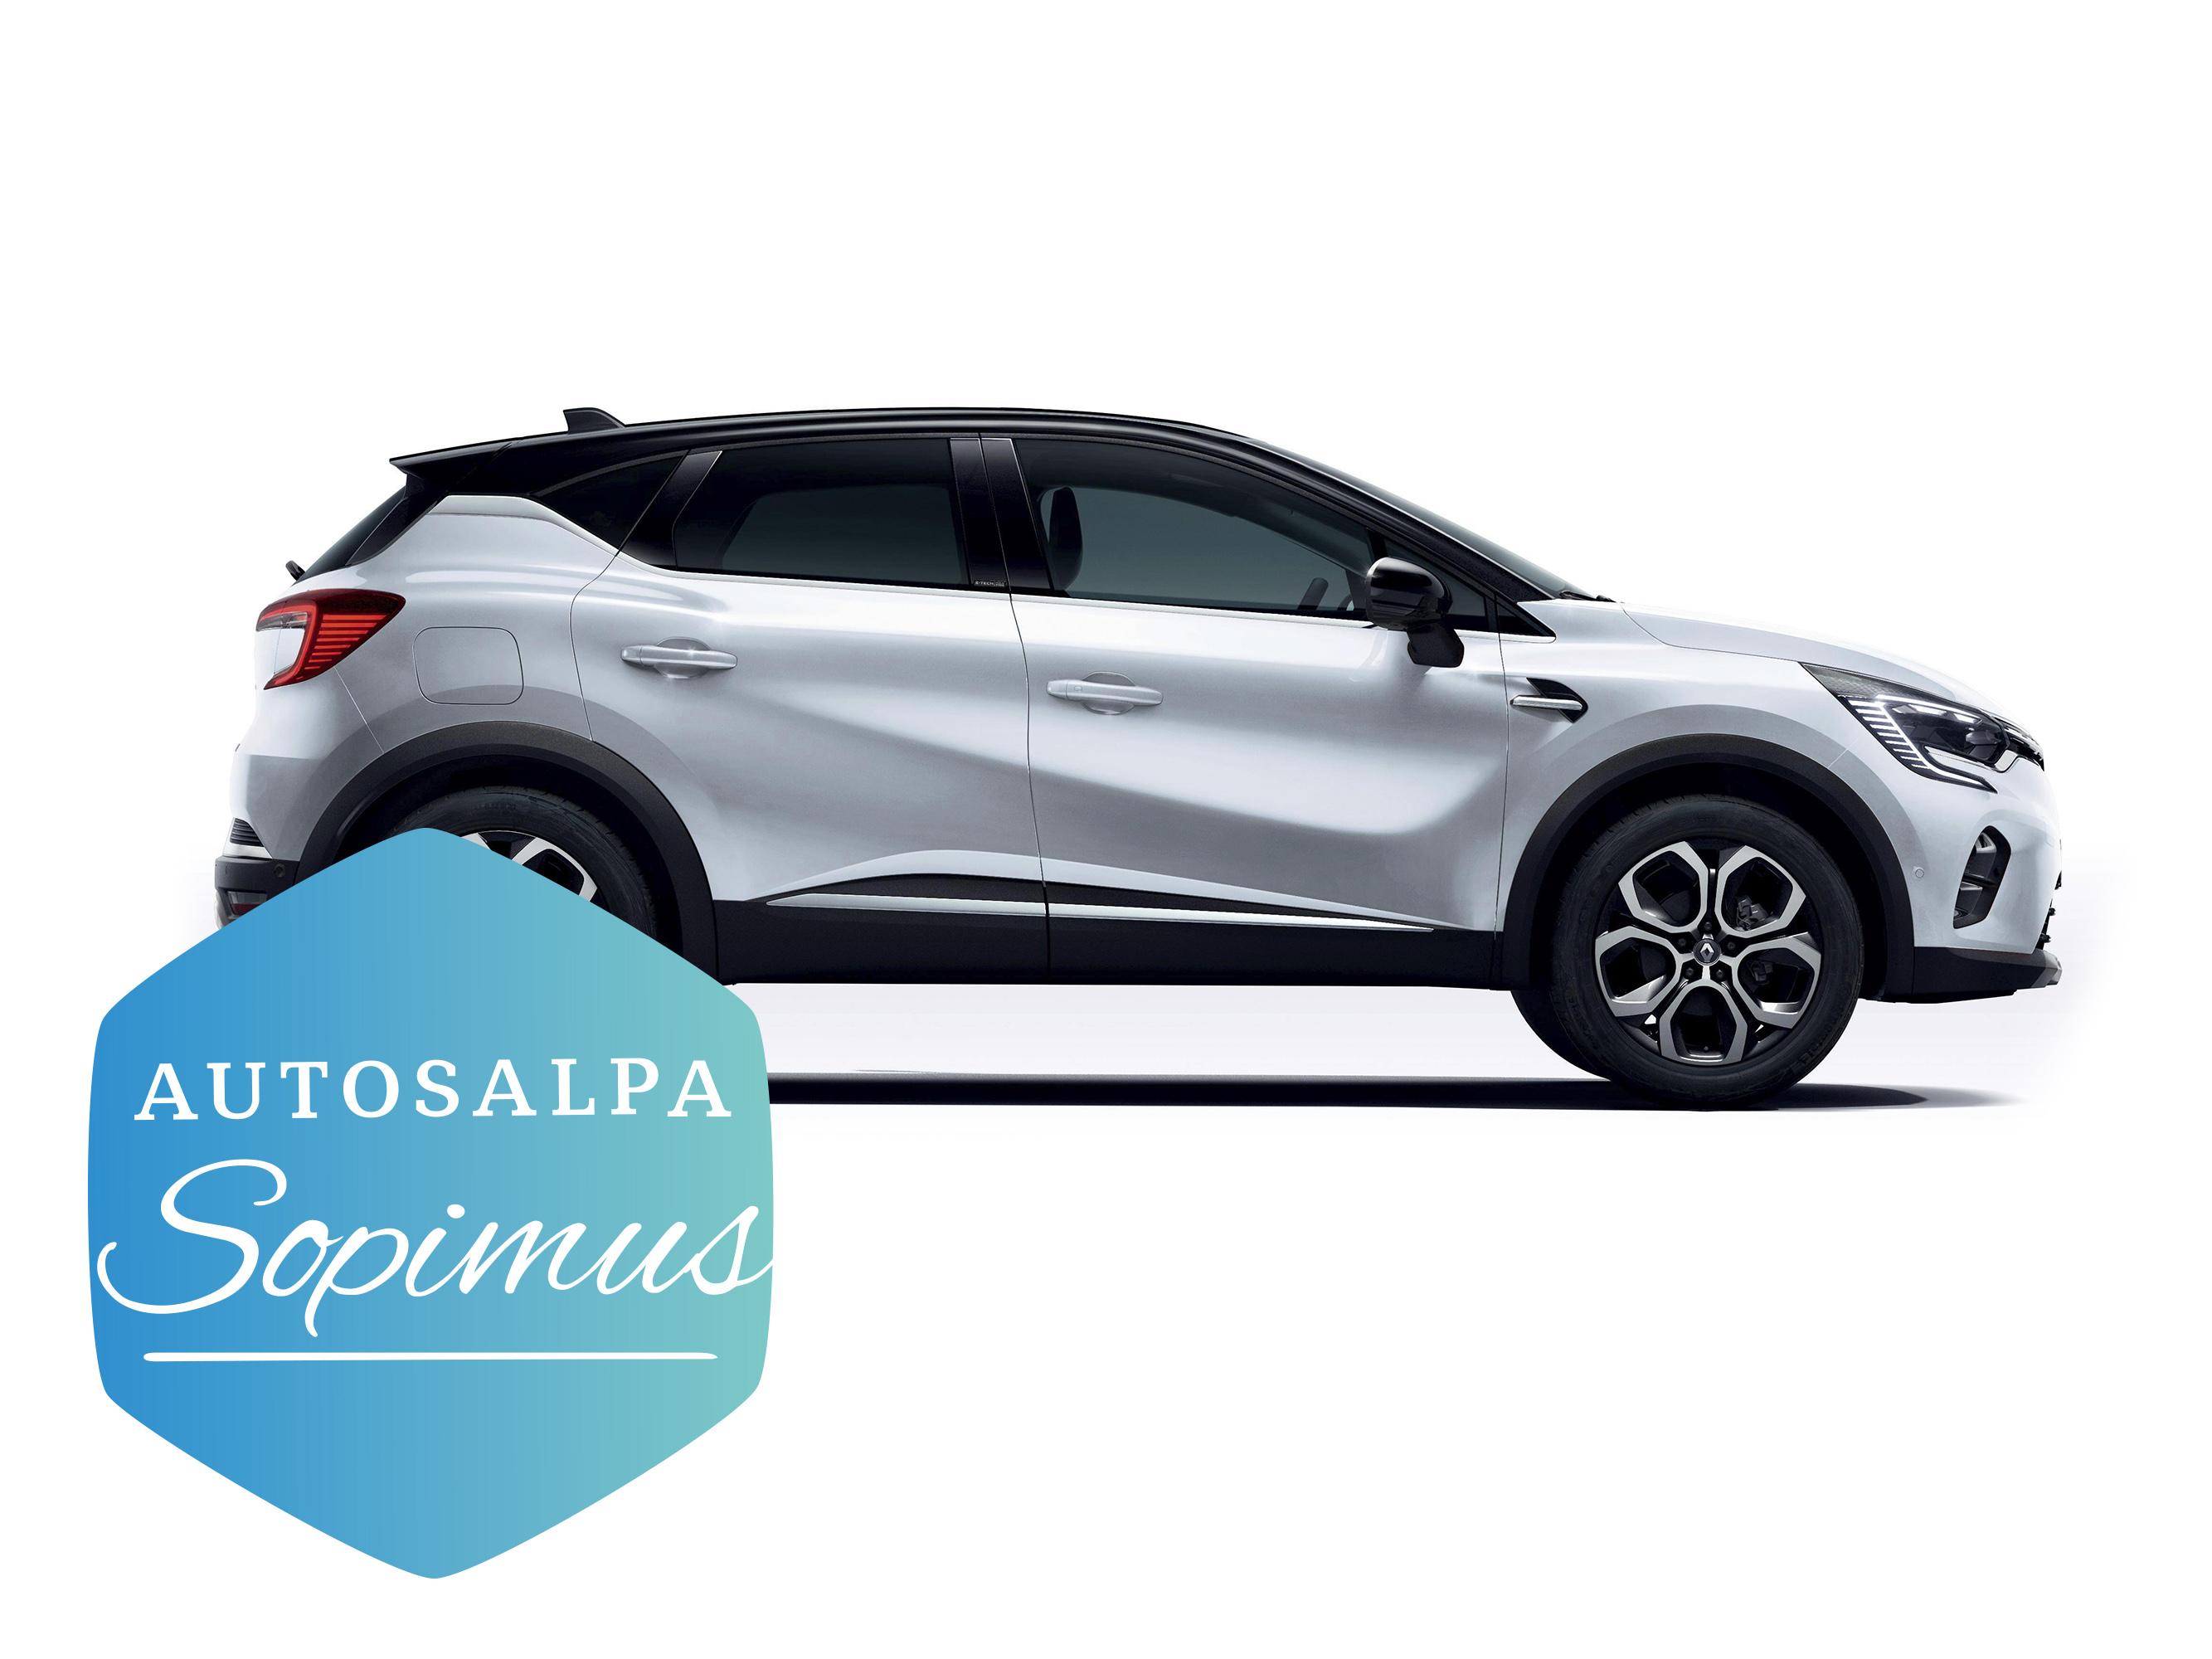 Uusi Renault Captur E-TECH esim. 399,8 € / kk